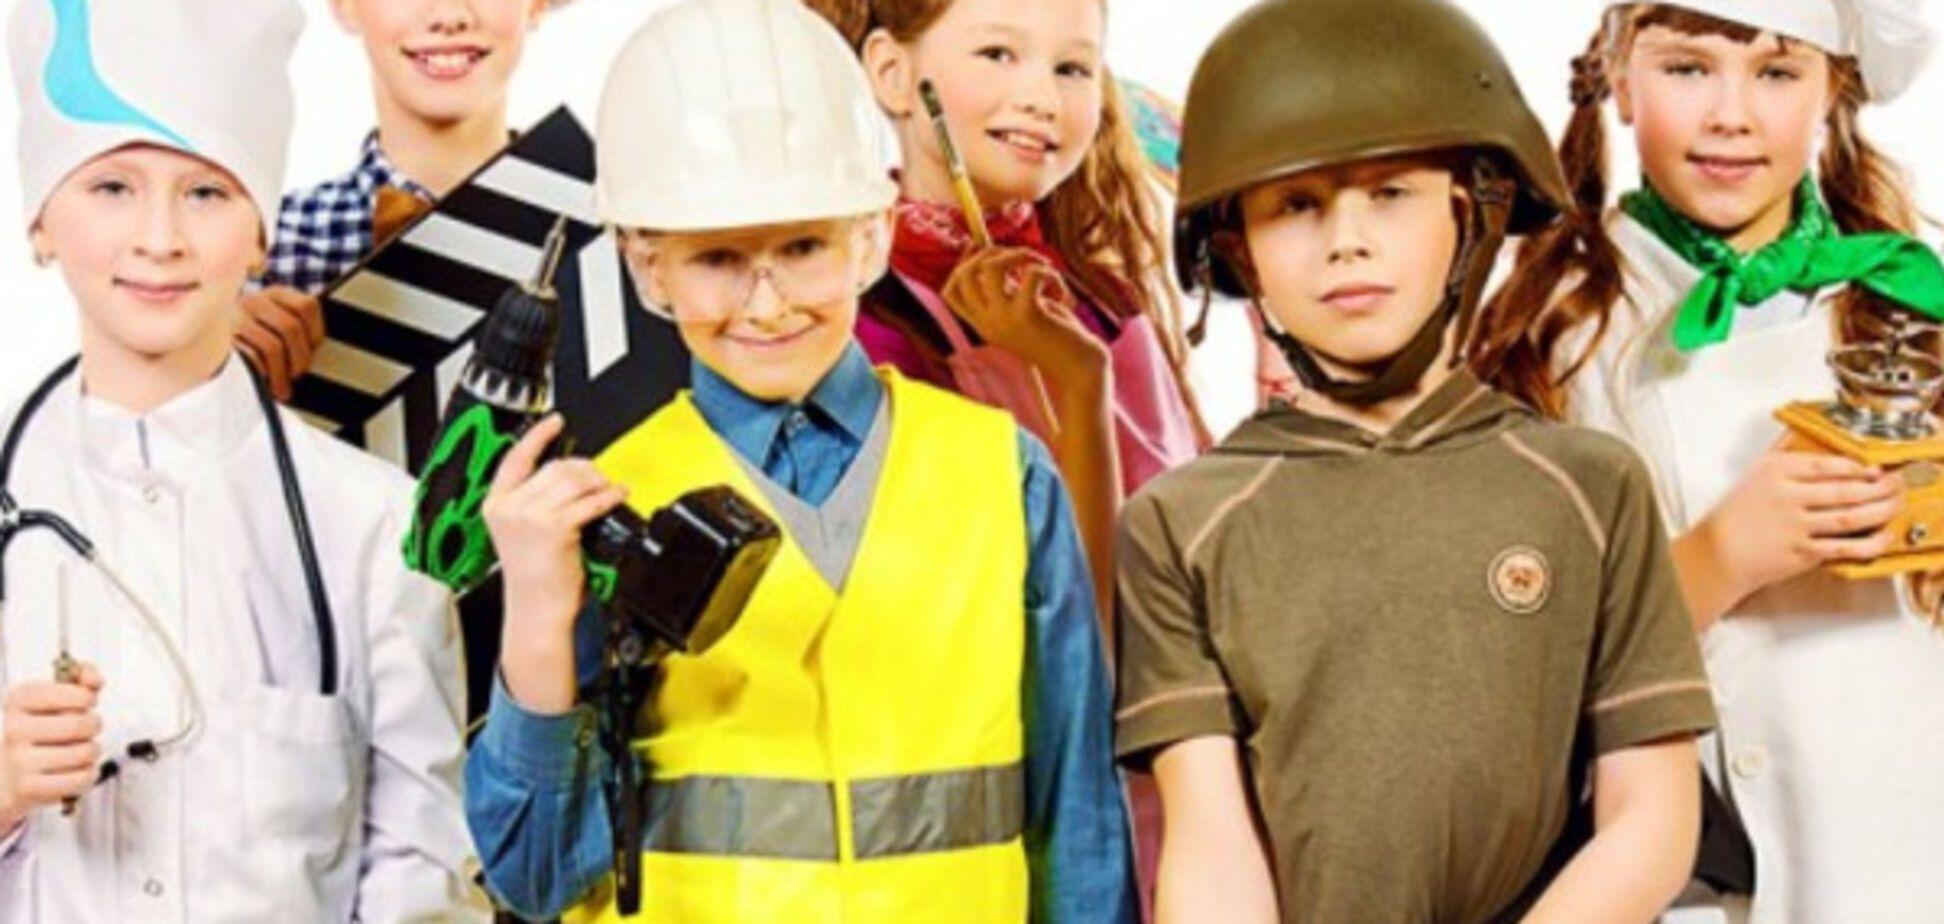 Профессия будущего: в чем будут востребованы наши дети